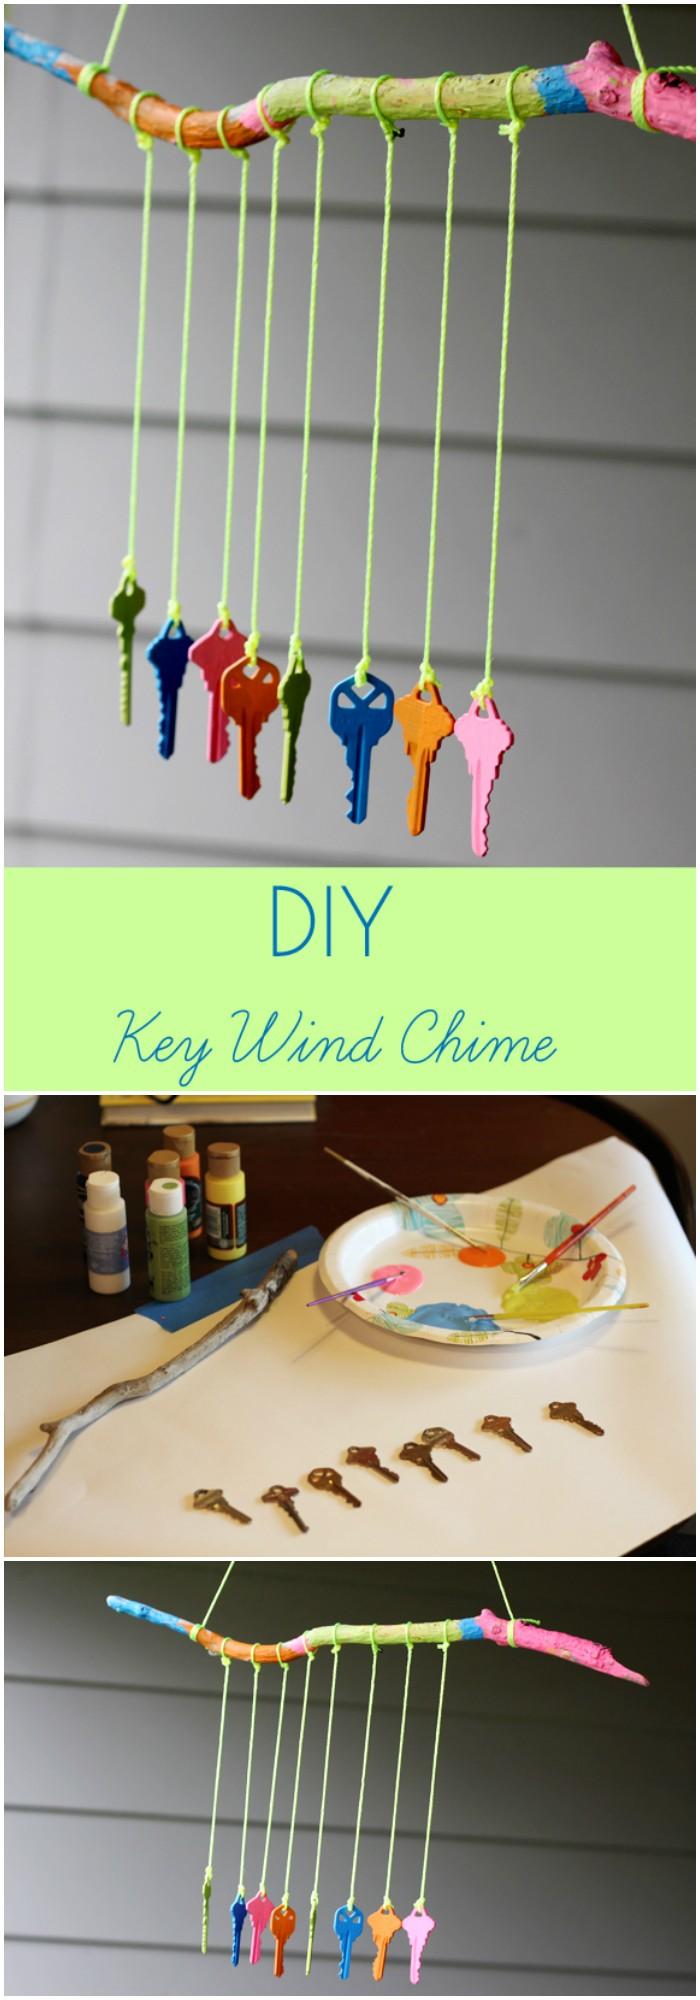 DIY Key Wind Chime - DIY backyard ideas